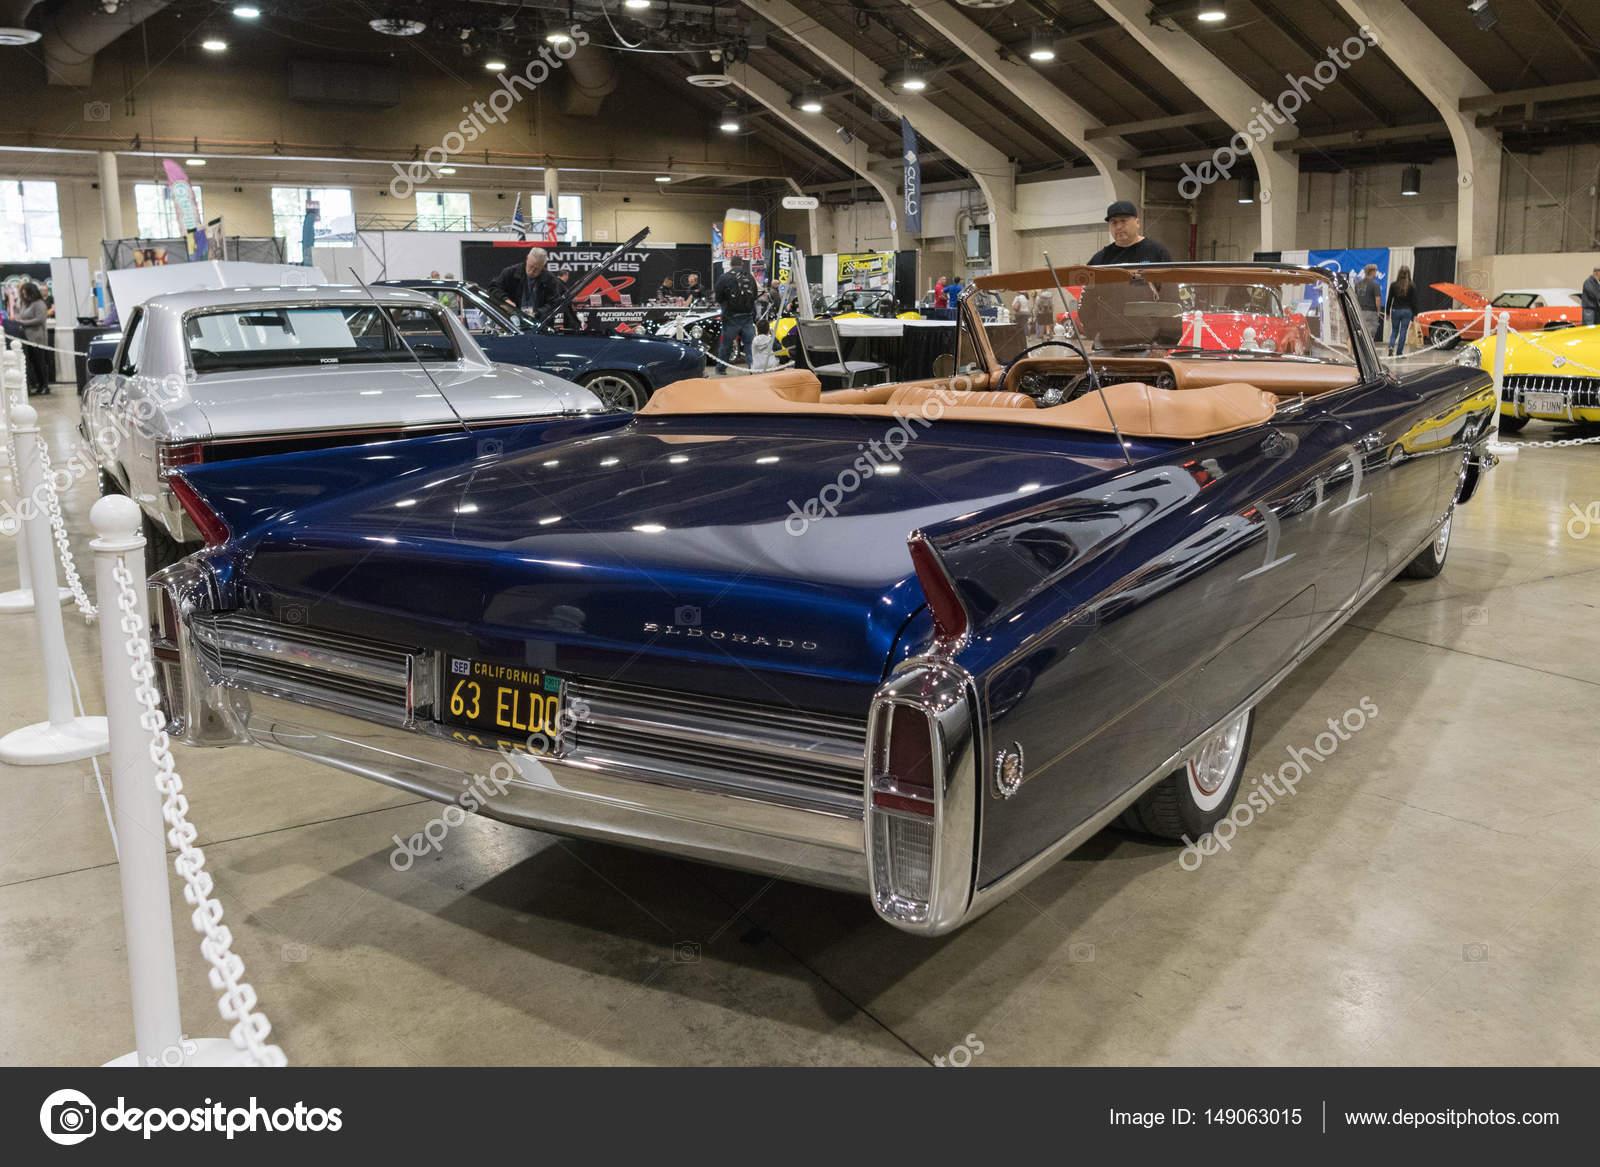 Cadillac Eldorado 2017 >> 2017 Cadillac Eldorado Convertible Cadillac Eldorado